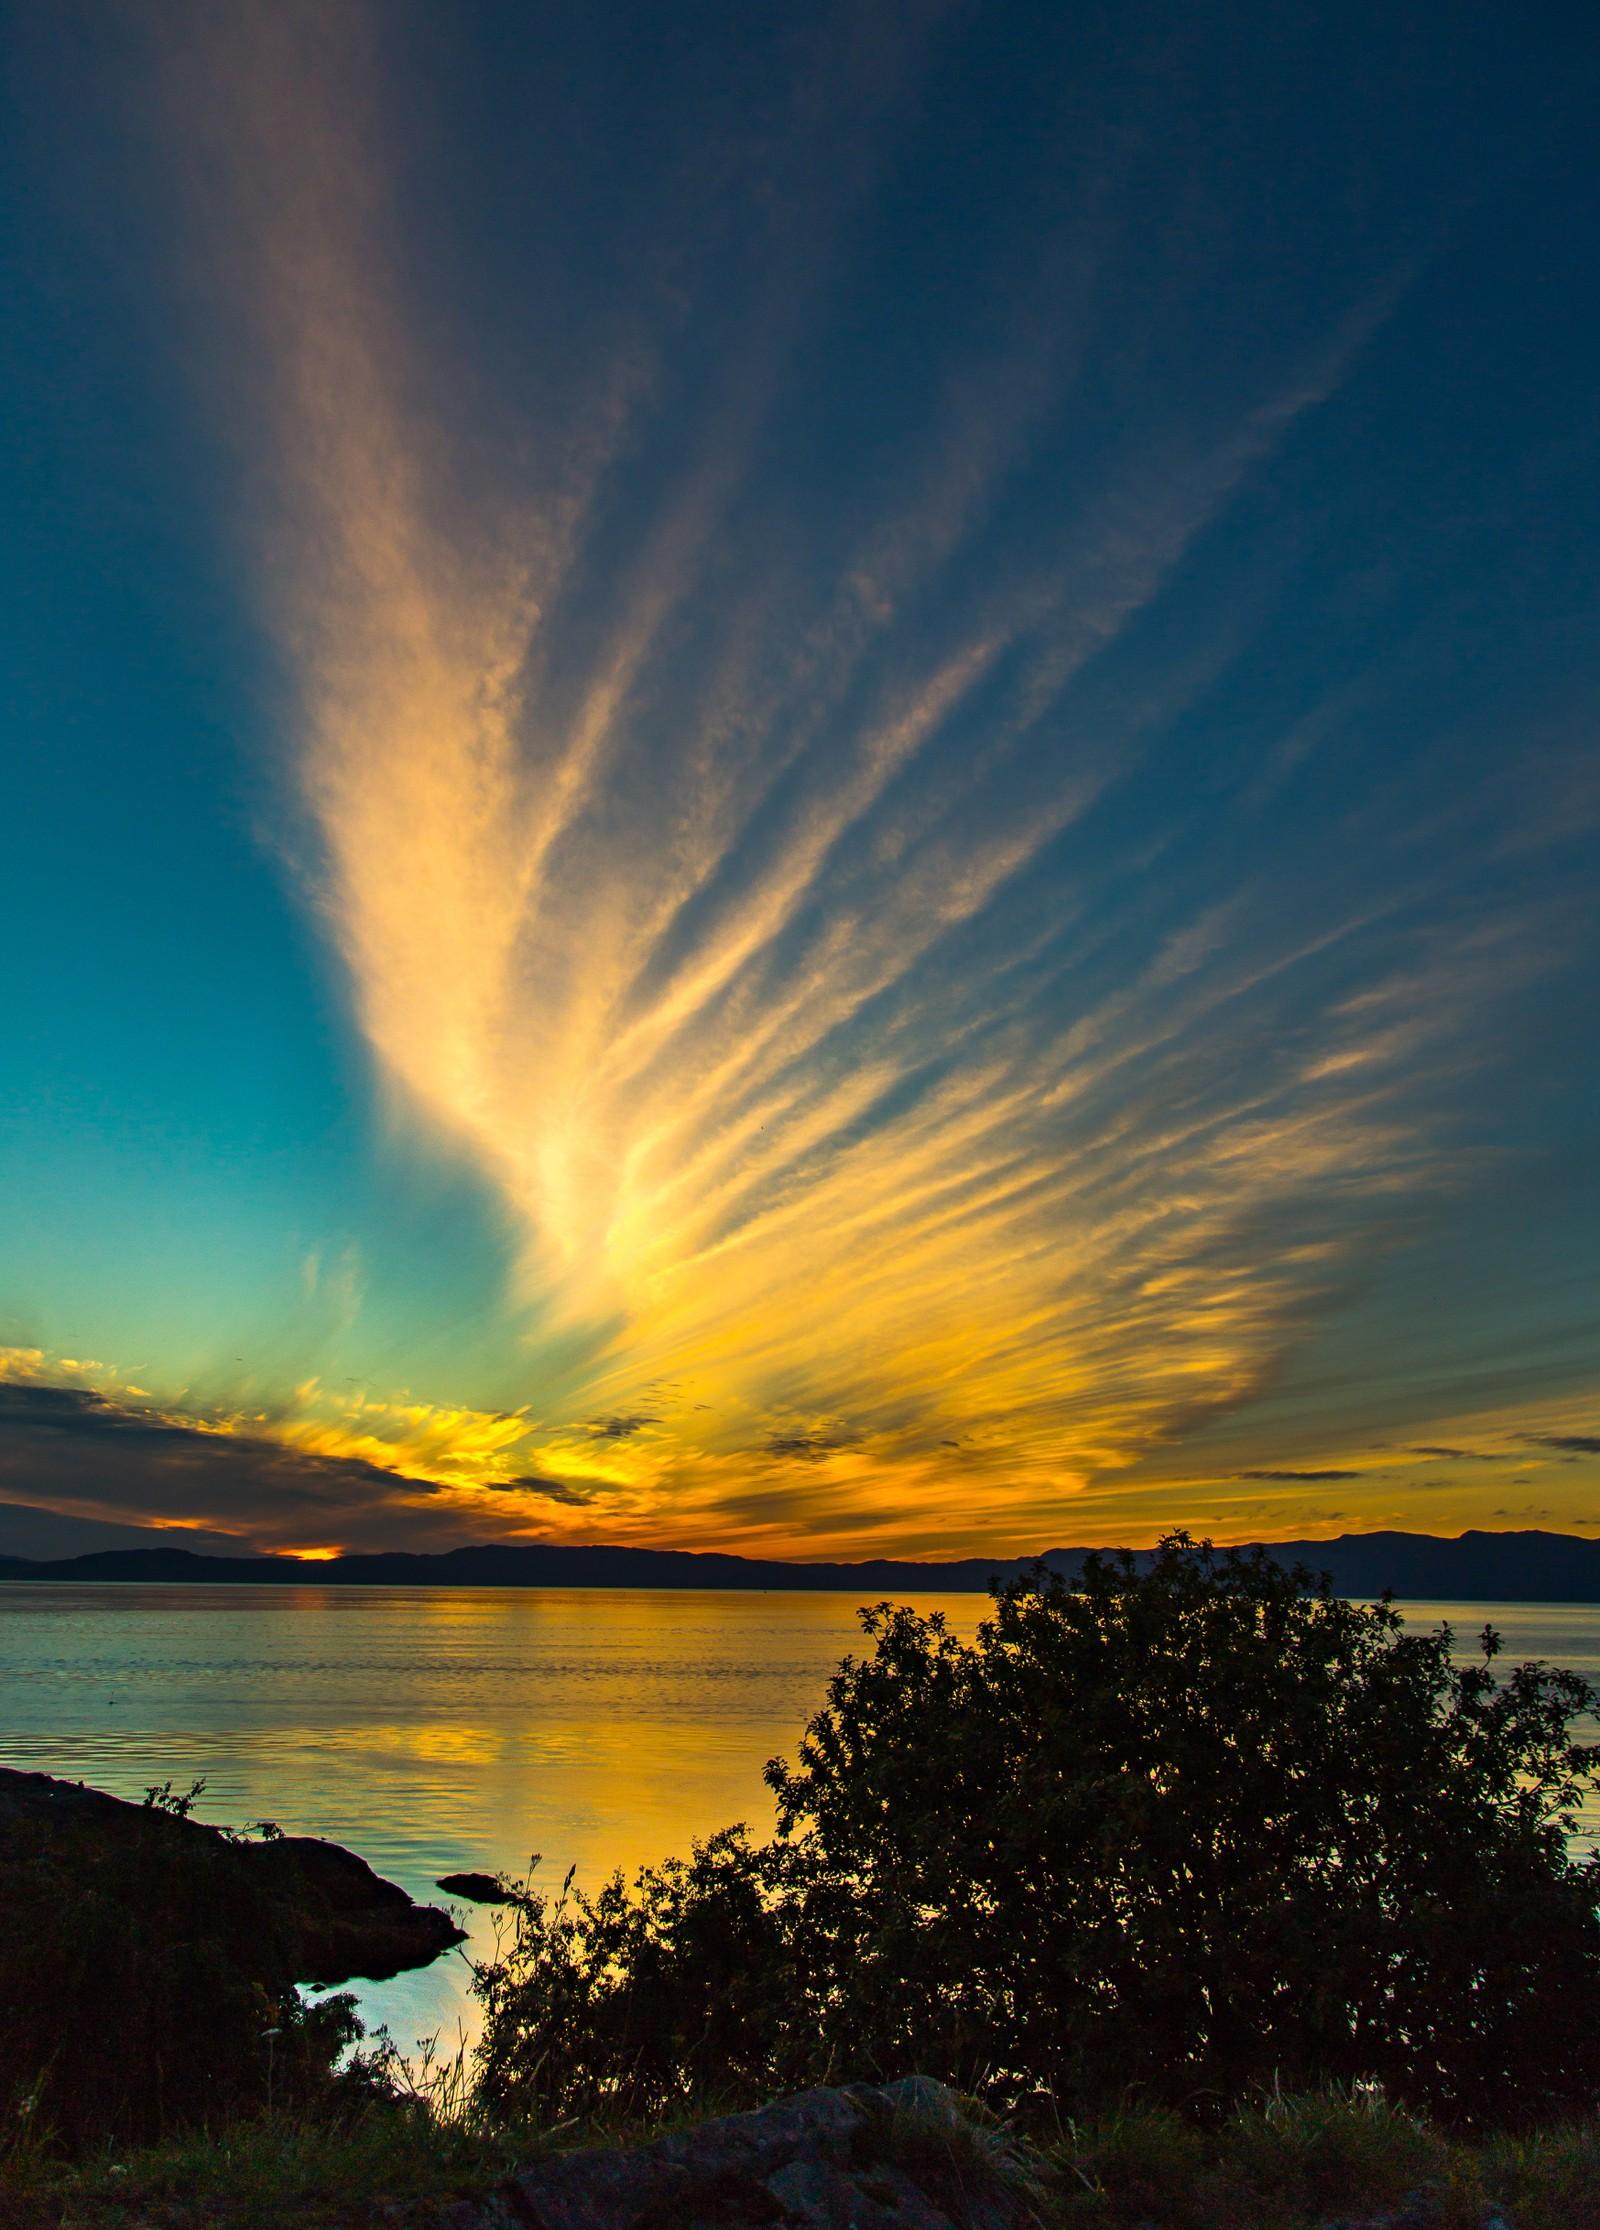 Solnedgang i Ringvebukta